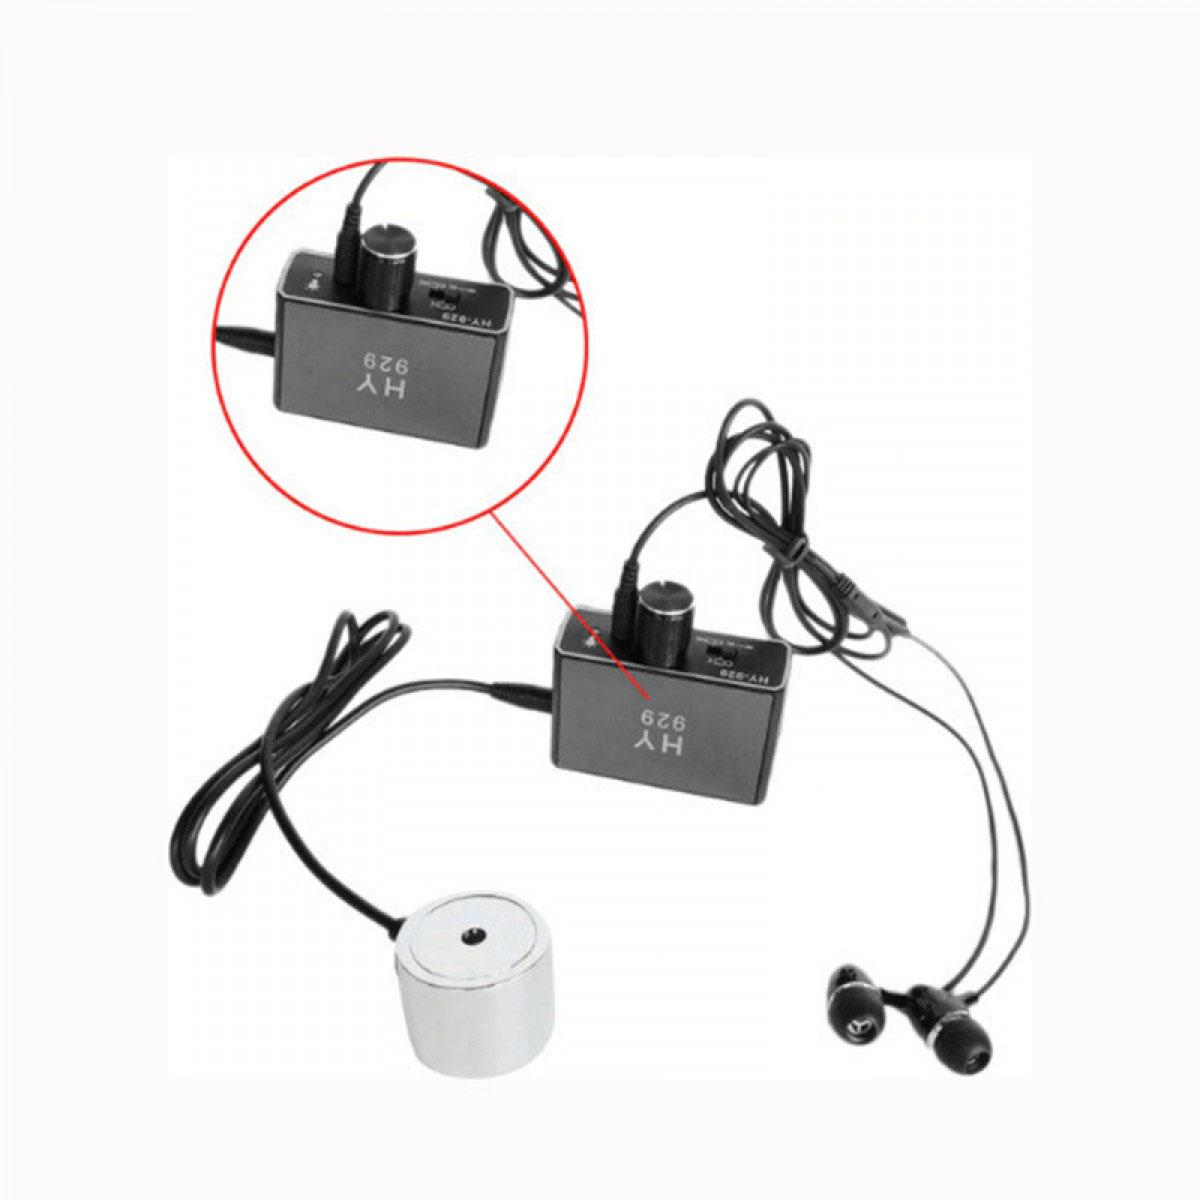 Ανεξάρτητος ανιχνευτής διαρροών ήχου με ακουστικά HY929